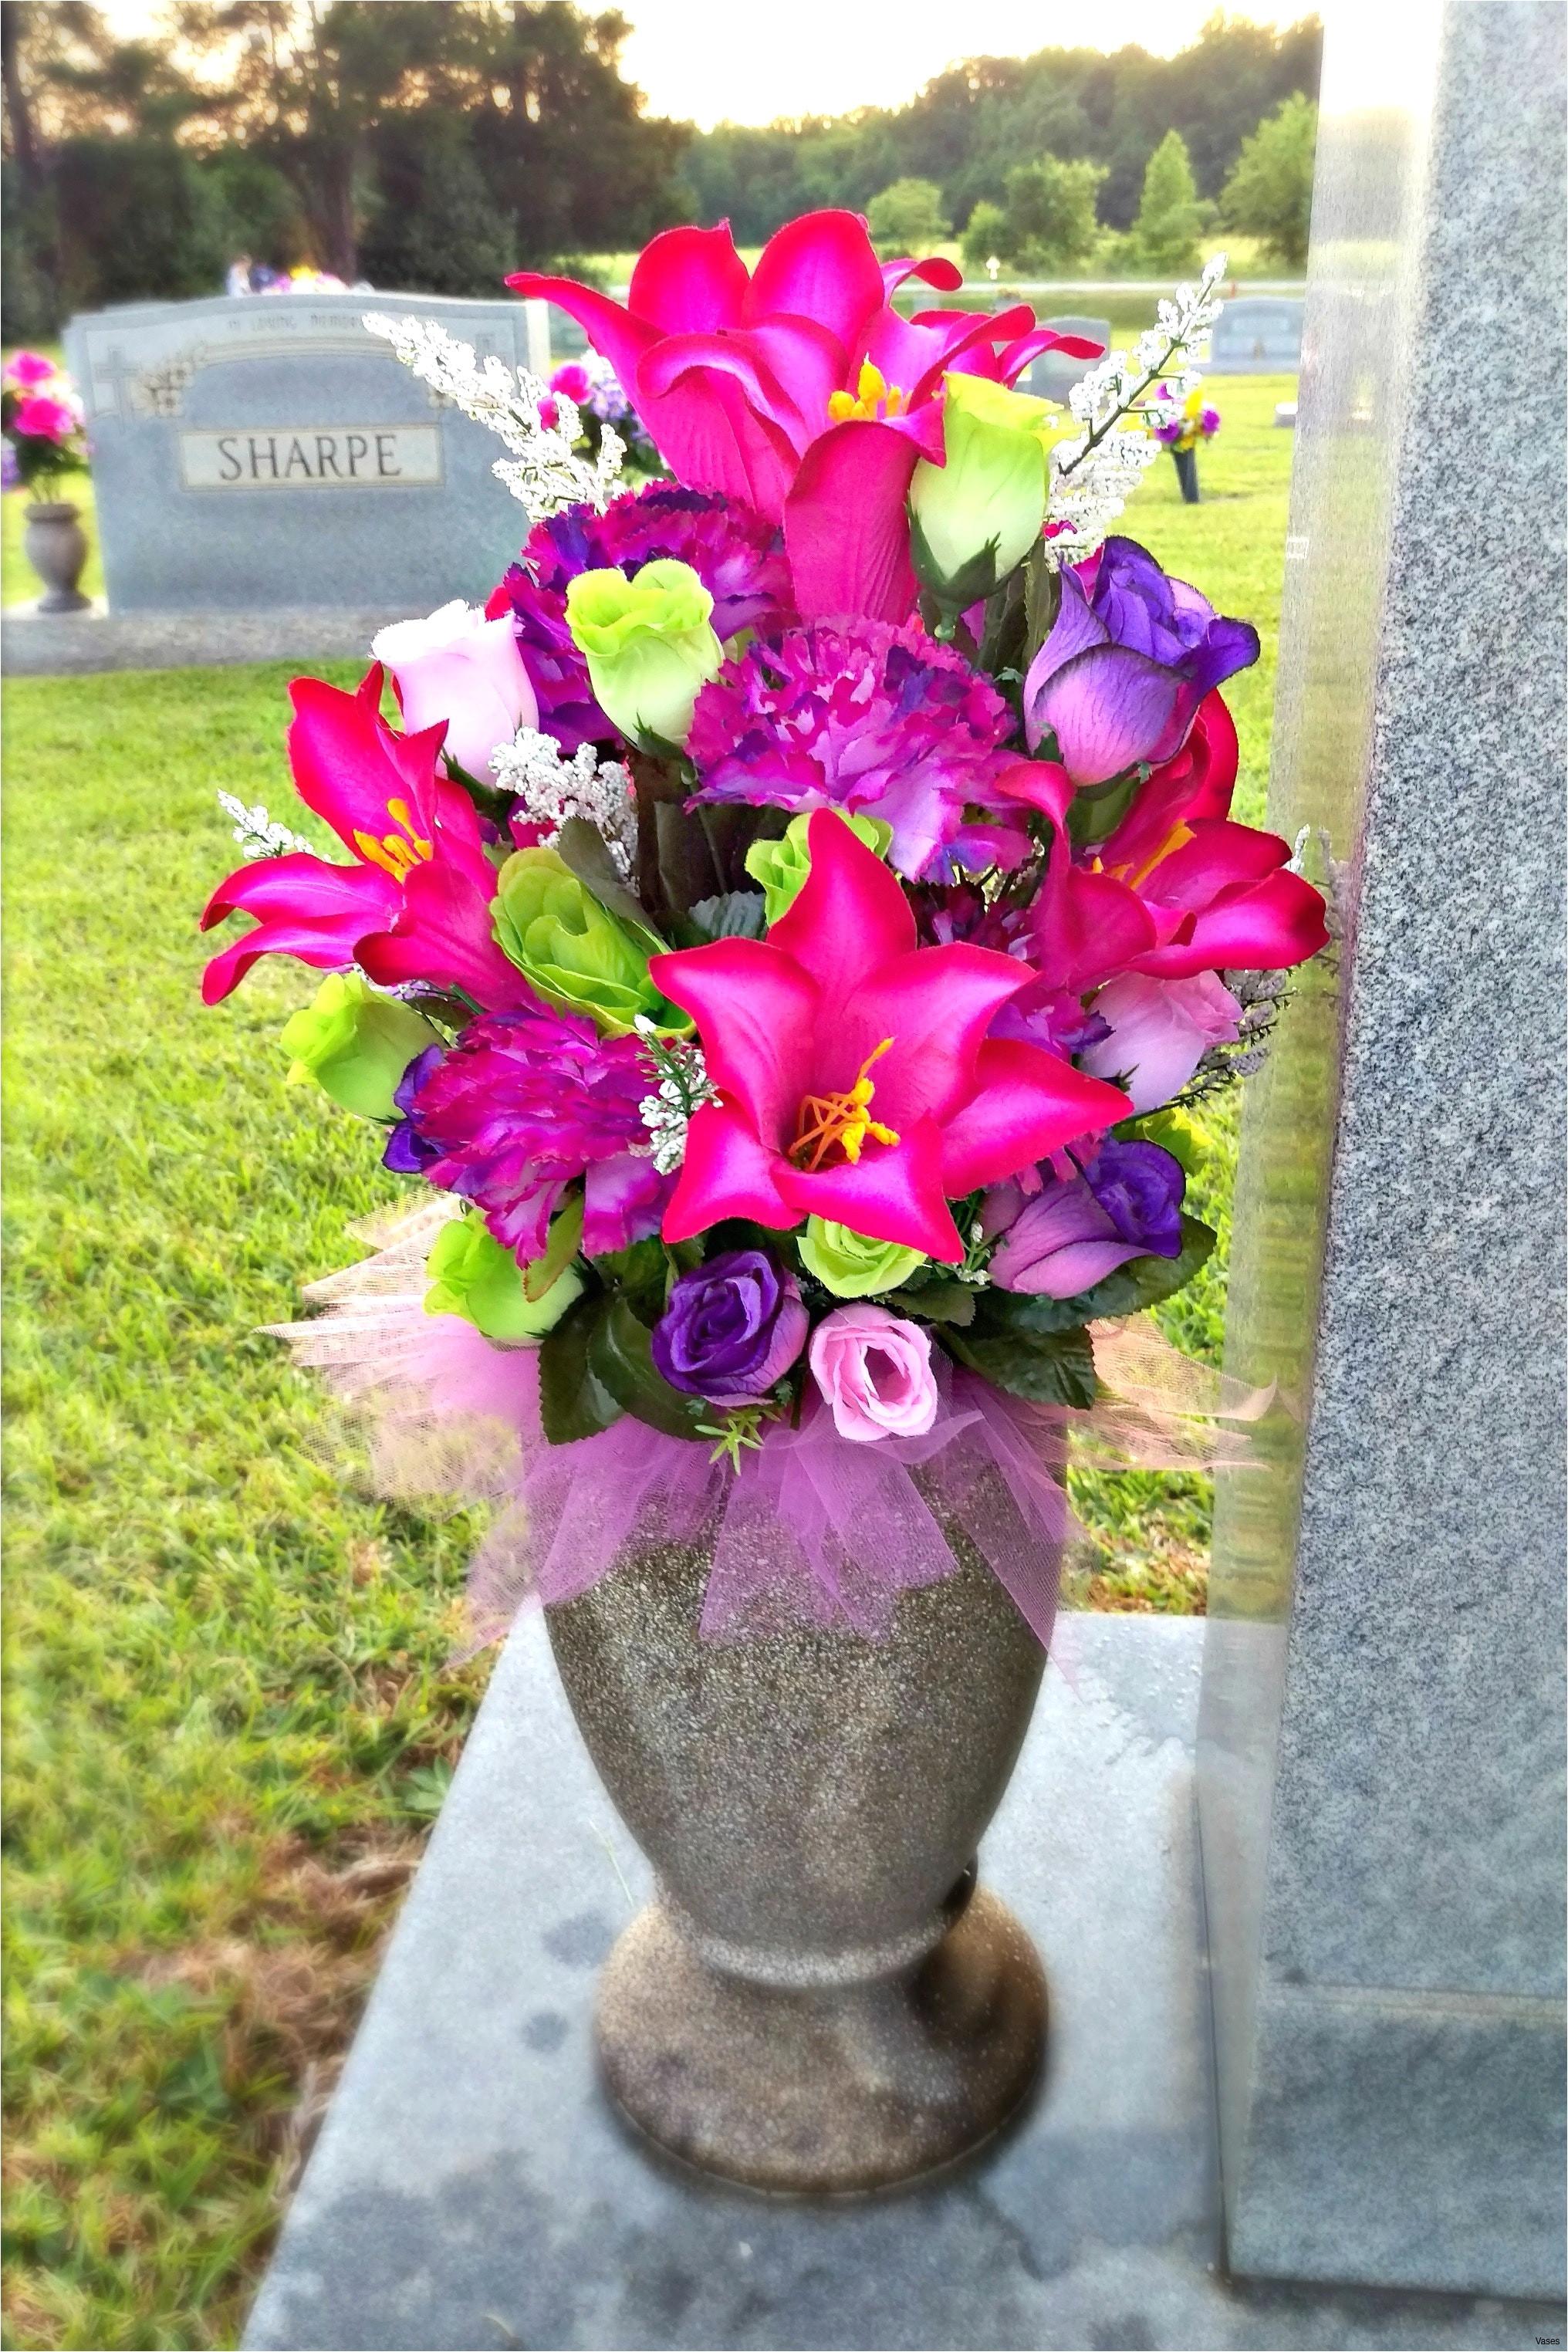 big white flower vase of cemetery grave decoration ideas bradshomefurnishings for cemetery grave decoration ideas flower vase decoration ideas awesome vases grave flower vase